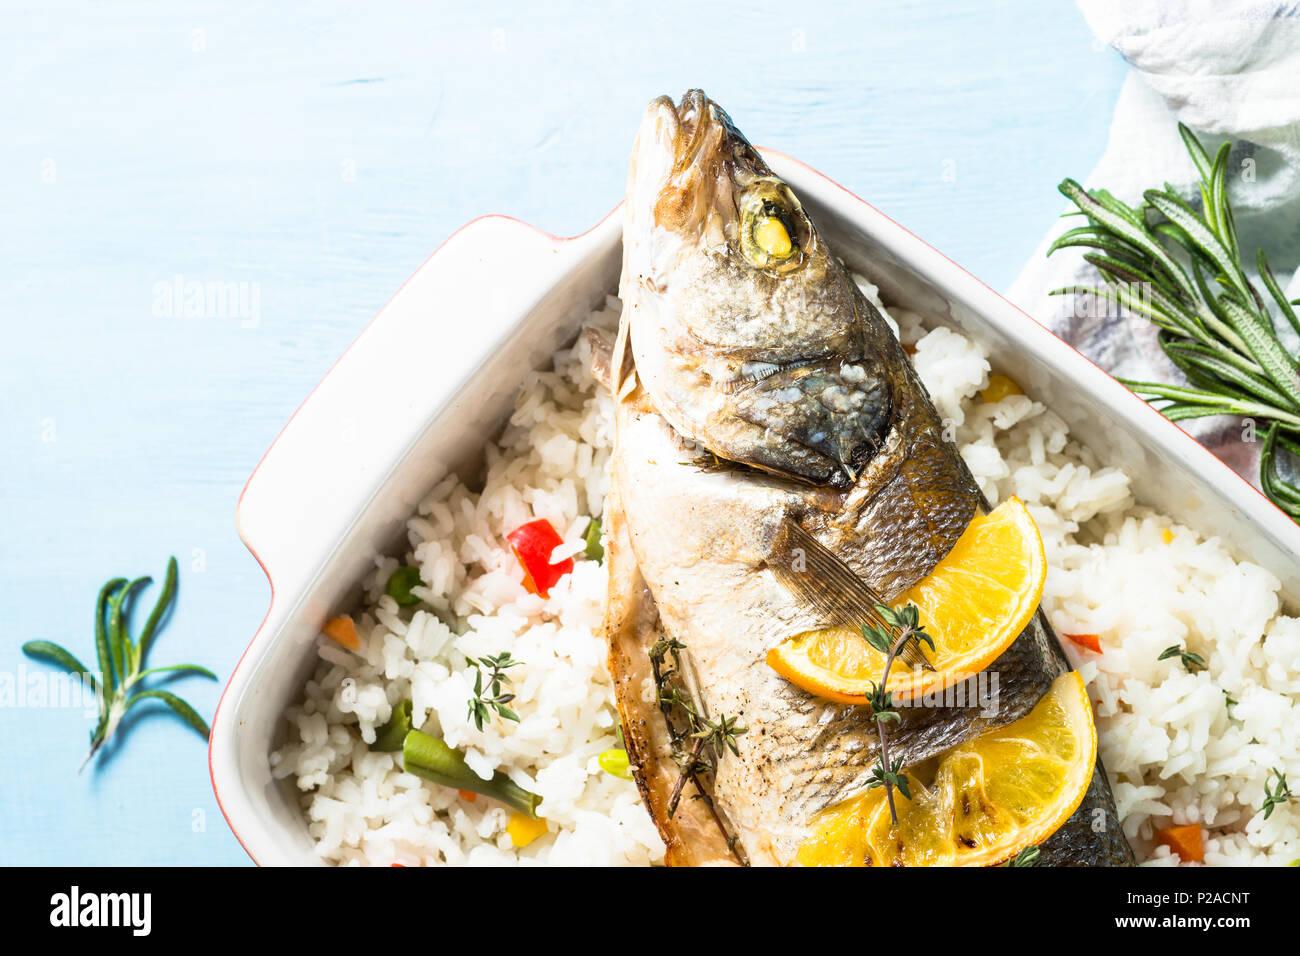 Pesce Branzino Al Forno Con Riso E Verdure Foto Immagine Stock